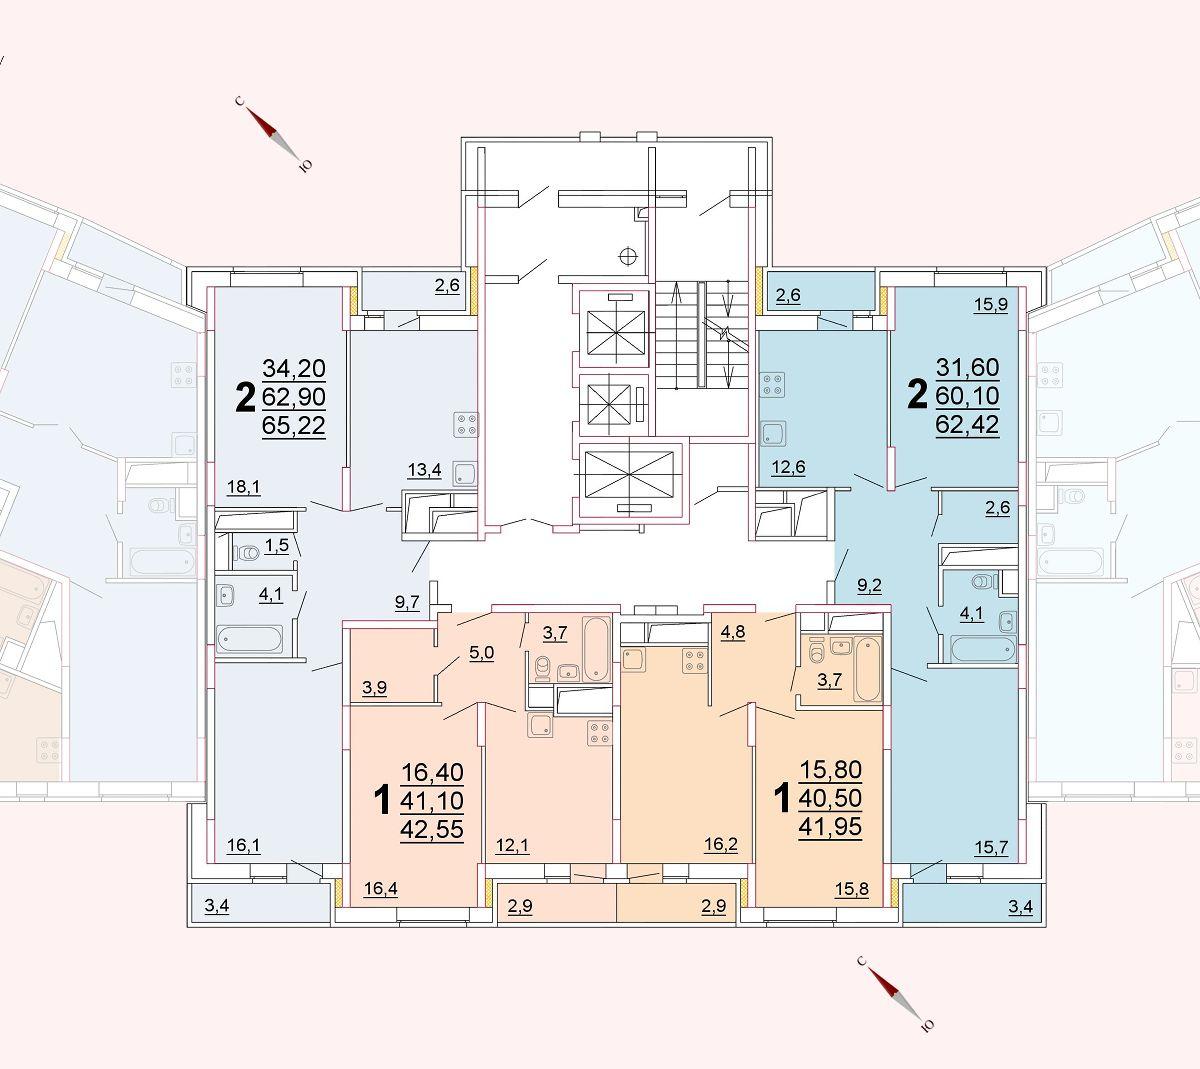 Микрорайон «Центральный», корпус 52г, секция 2, этаж/этажи 14-15